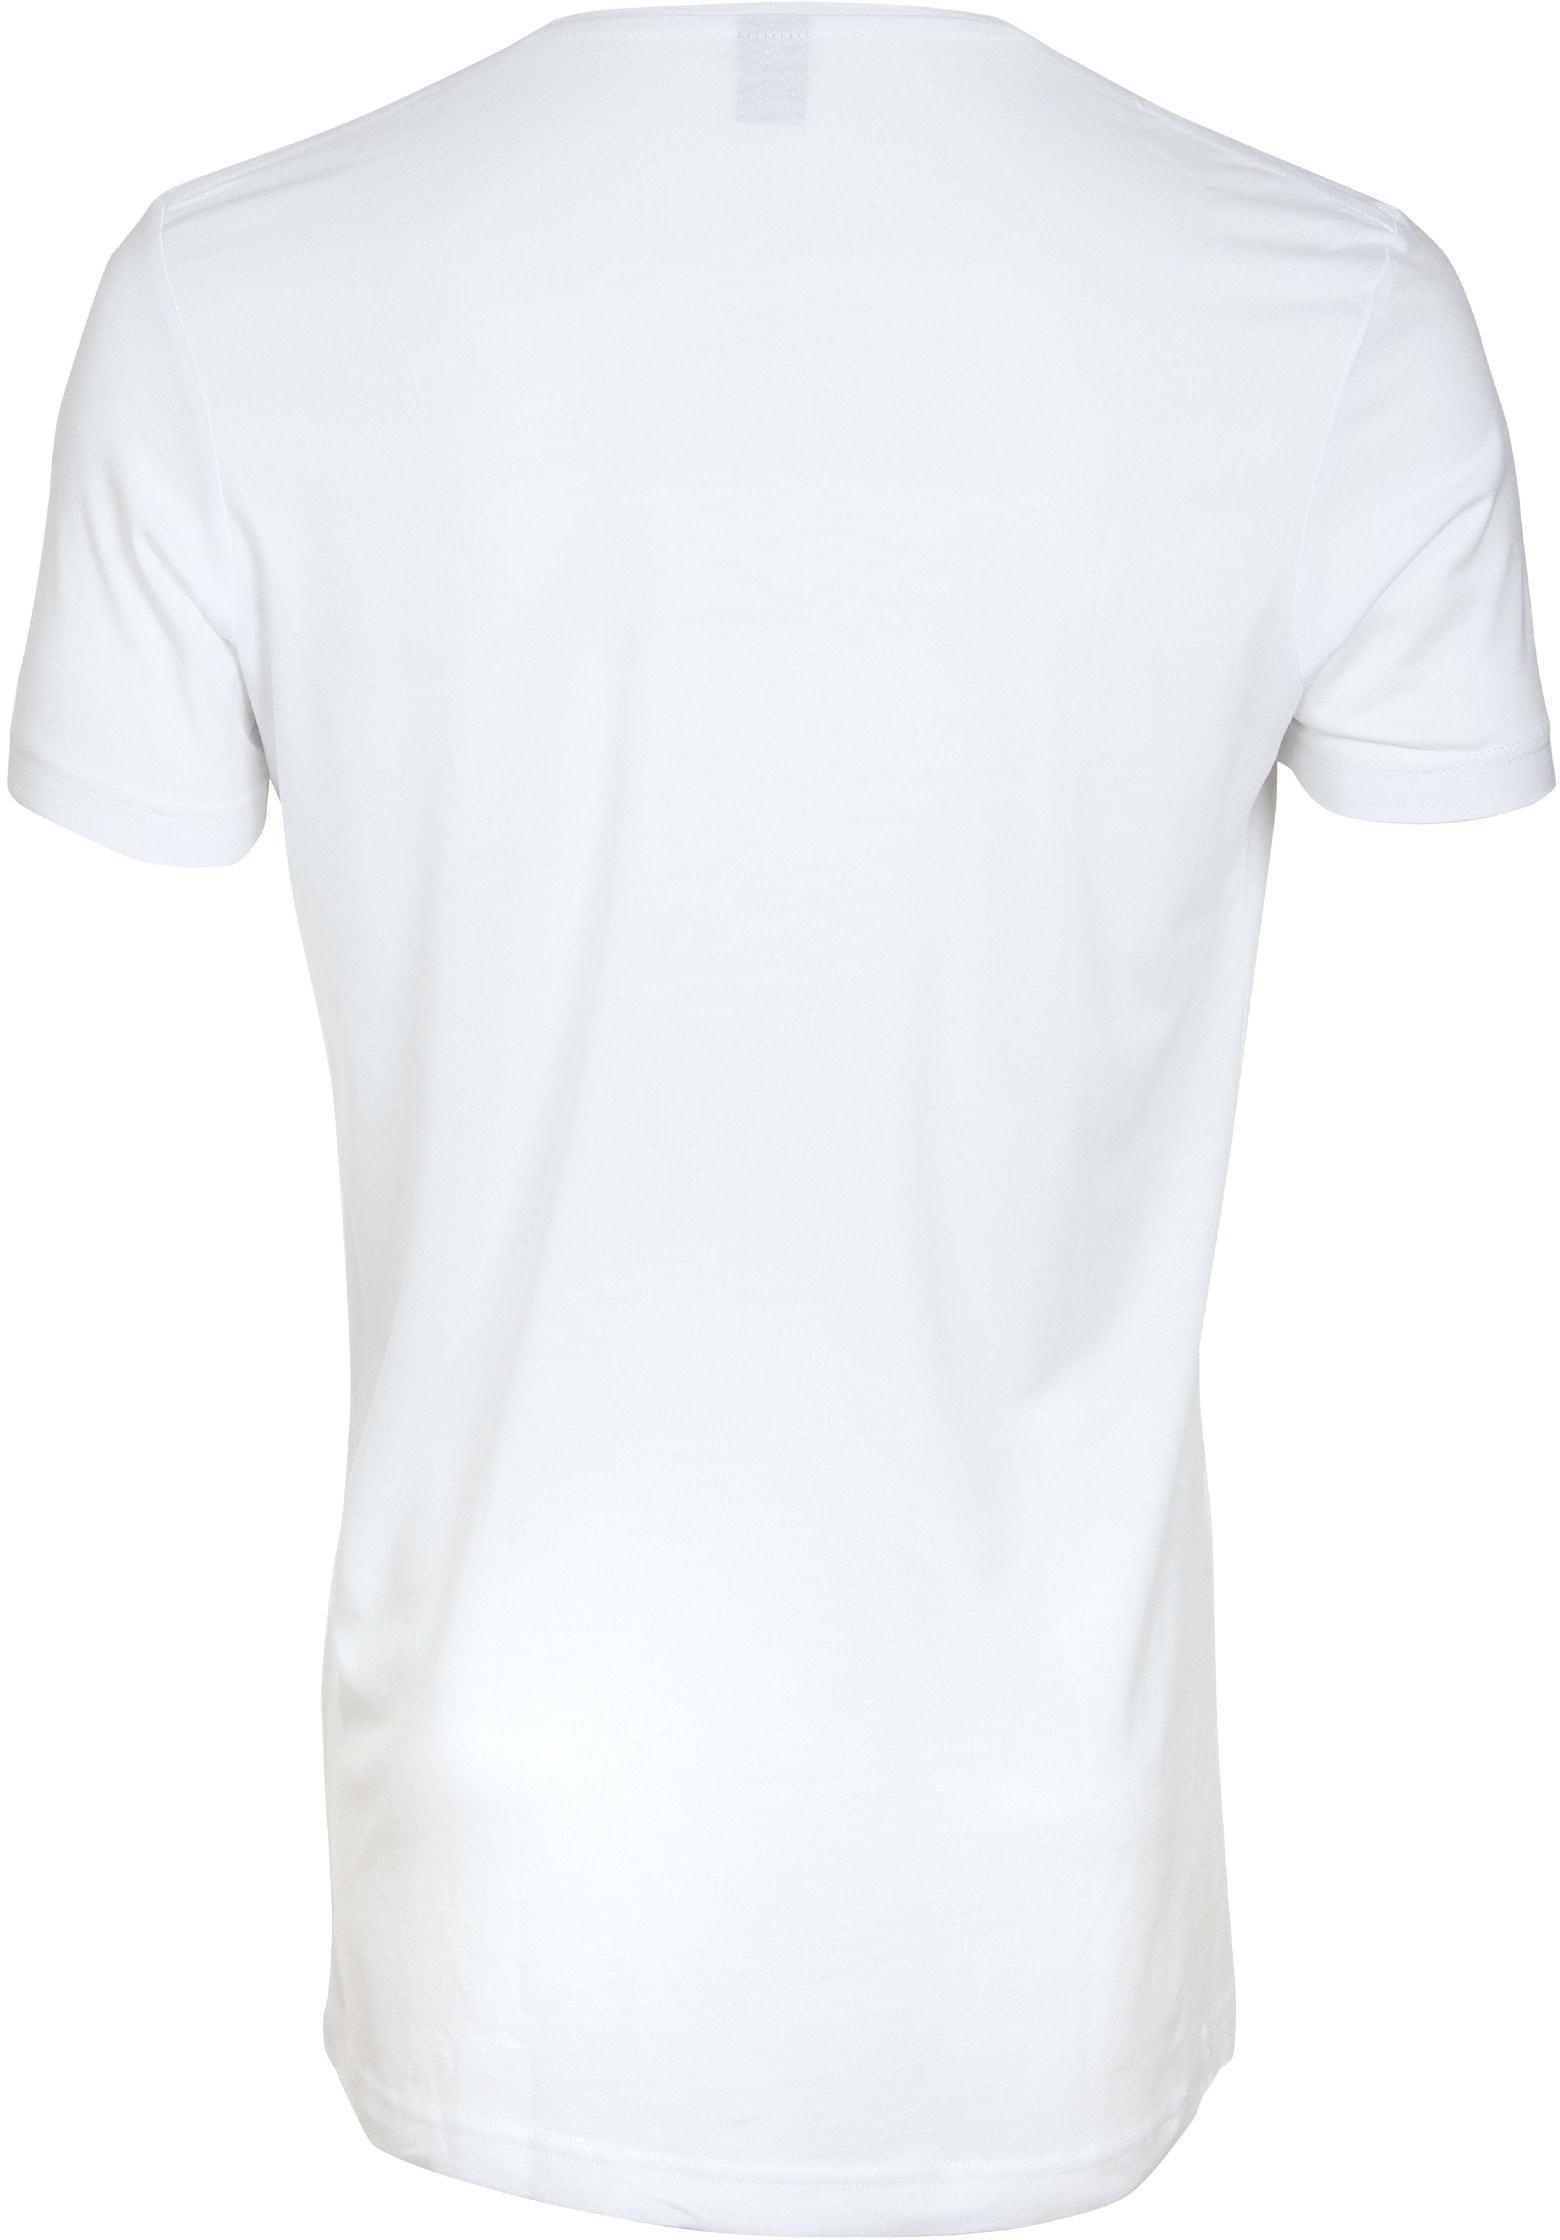 V hals 2-Pack Bamboe T-Shirt foto 2